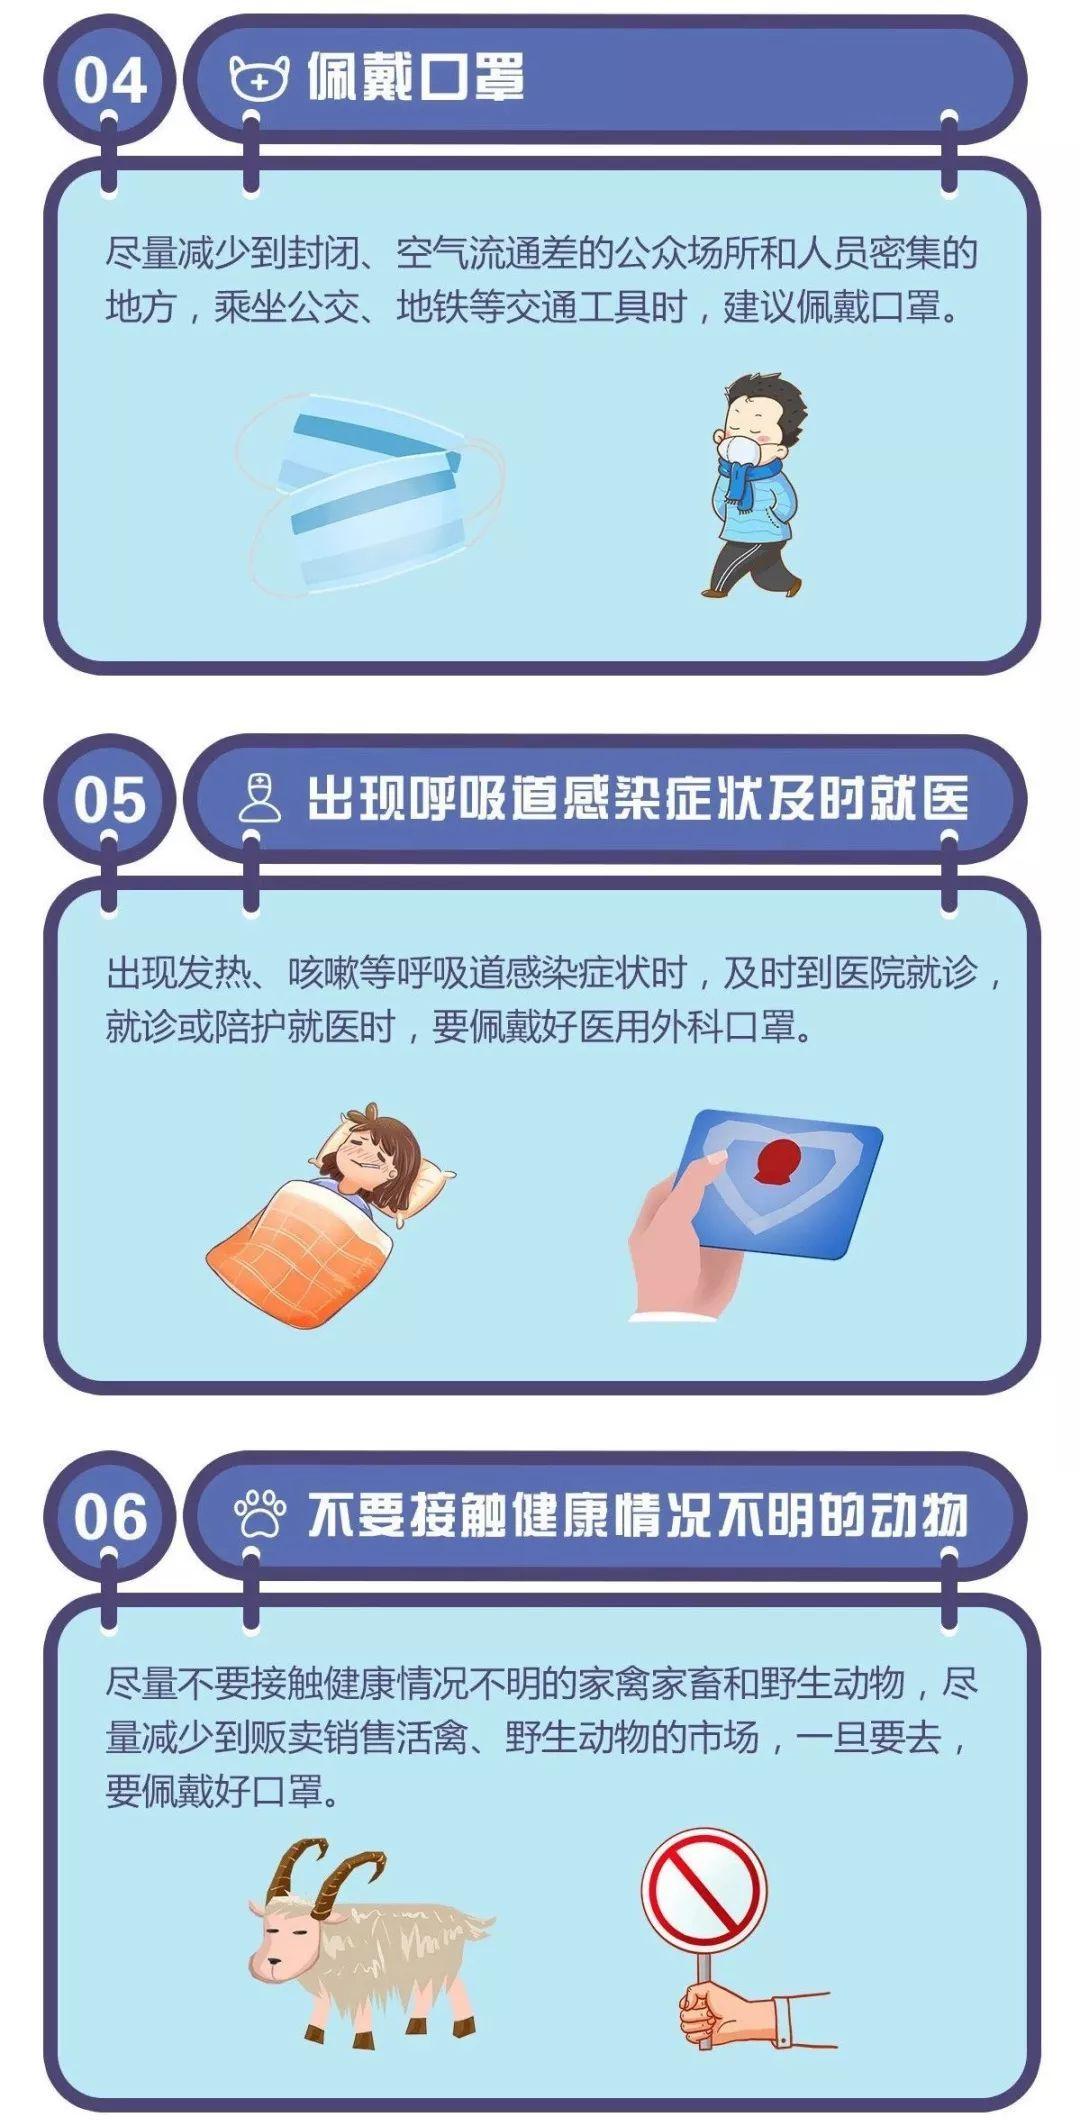 应急科普丨预防冠状病毒需要做到这六条